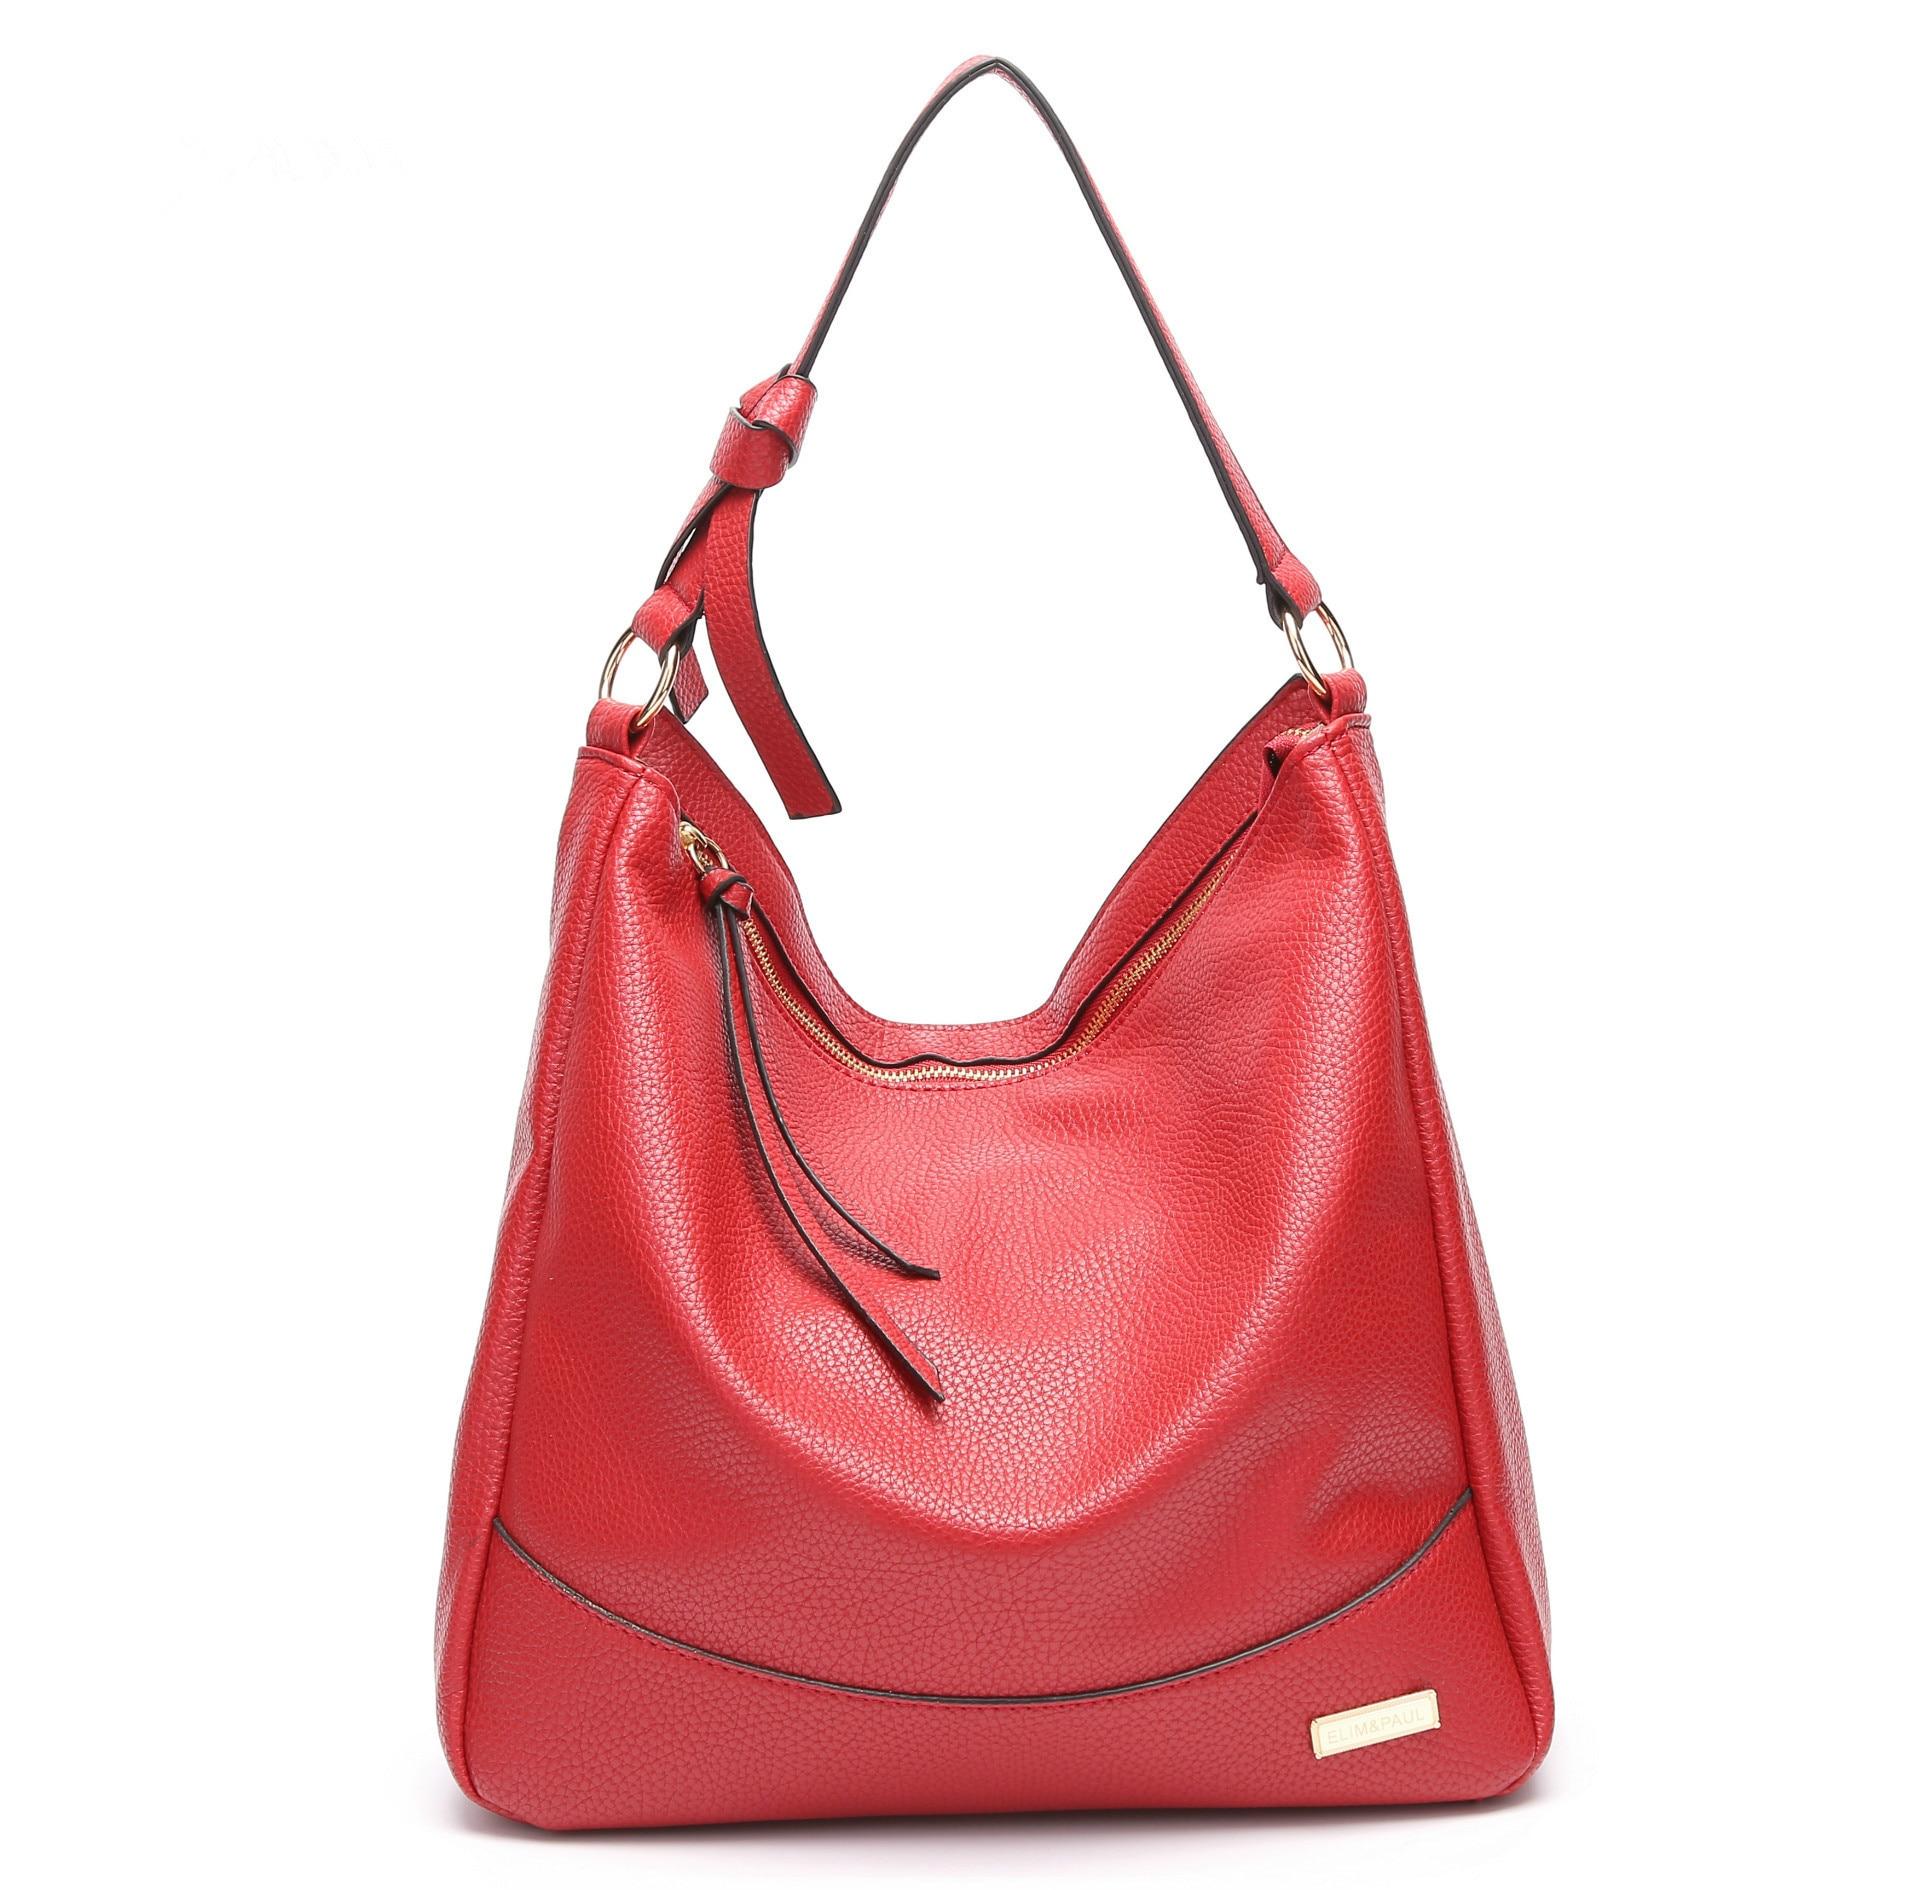 Capacità Sacchetti Qualità Borse Femminile rosso Handle Giallo Nero Casuale colore Signore Dell'unità Di apricot Il Alta Donne Elaborazione Morbide Tote Top Delle Spalla Grande Cuoio r6rFxPvq